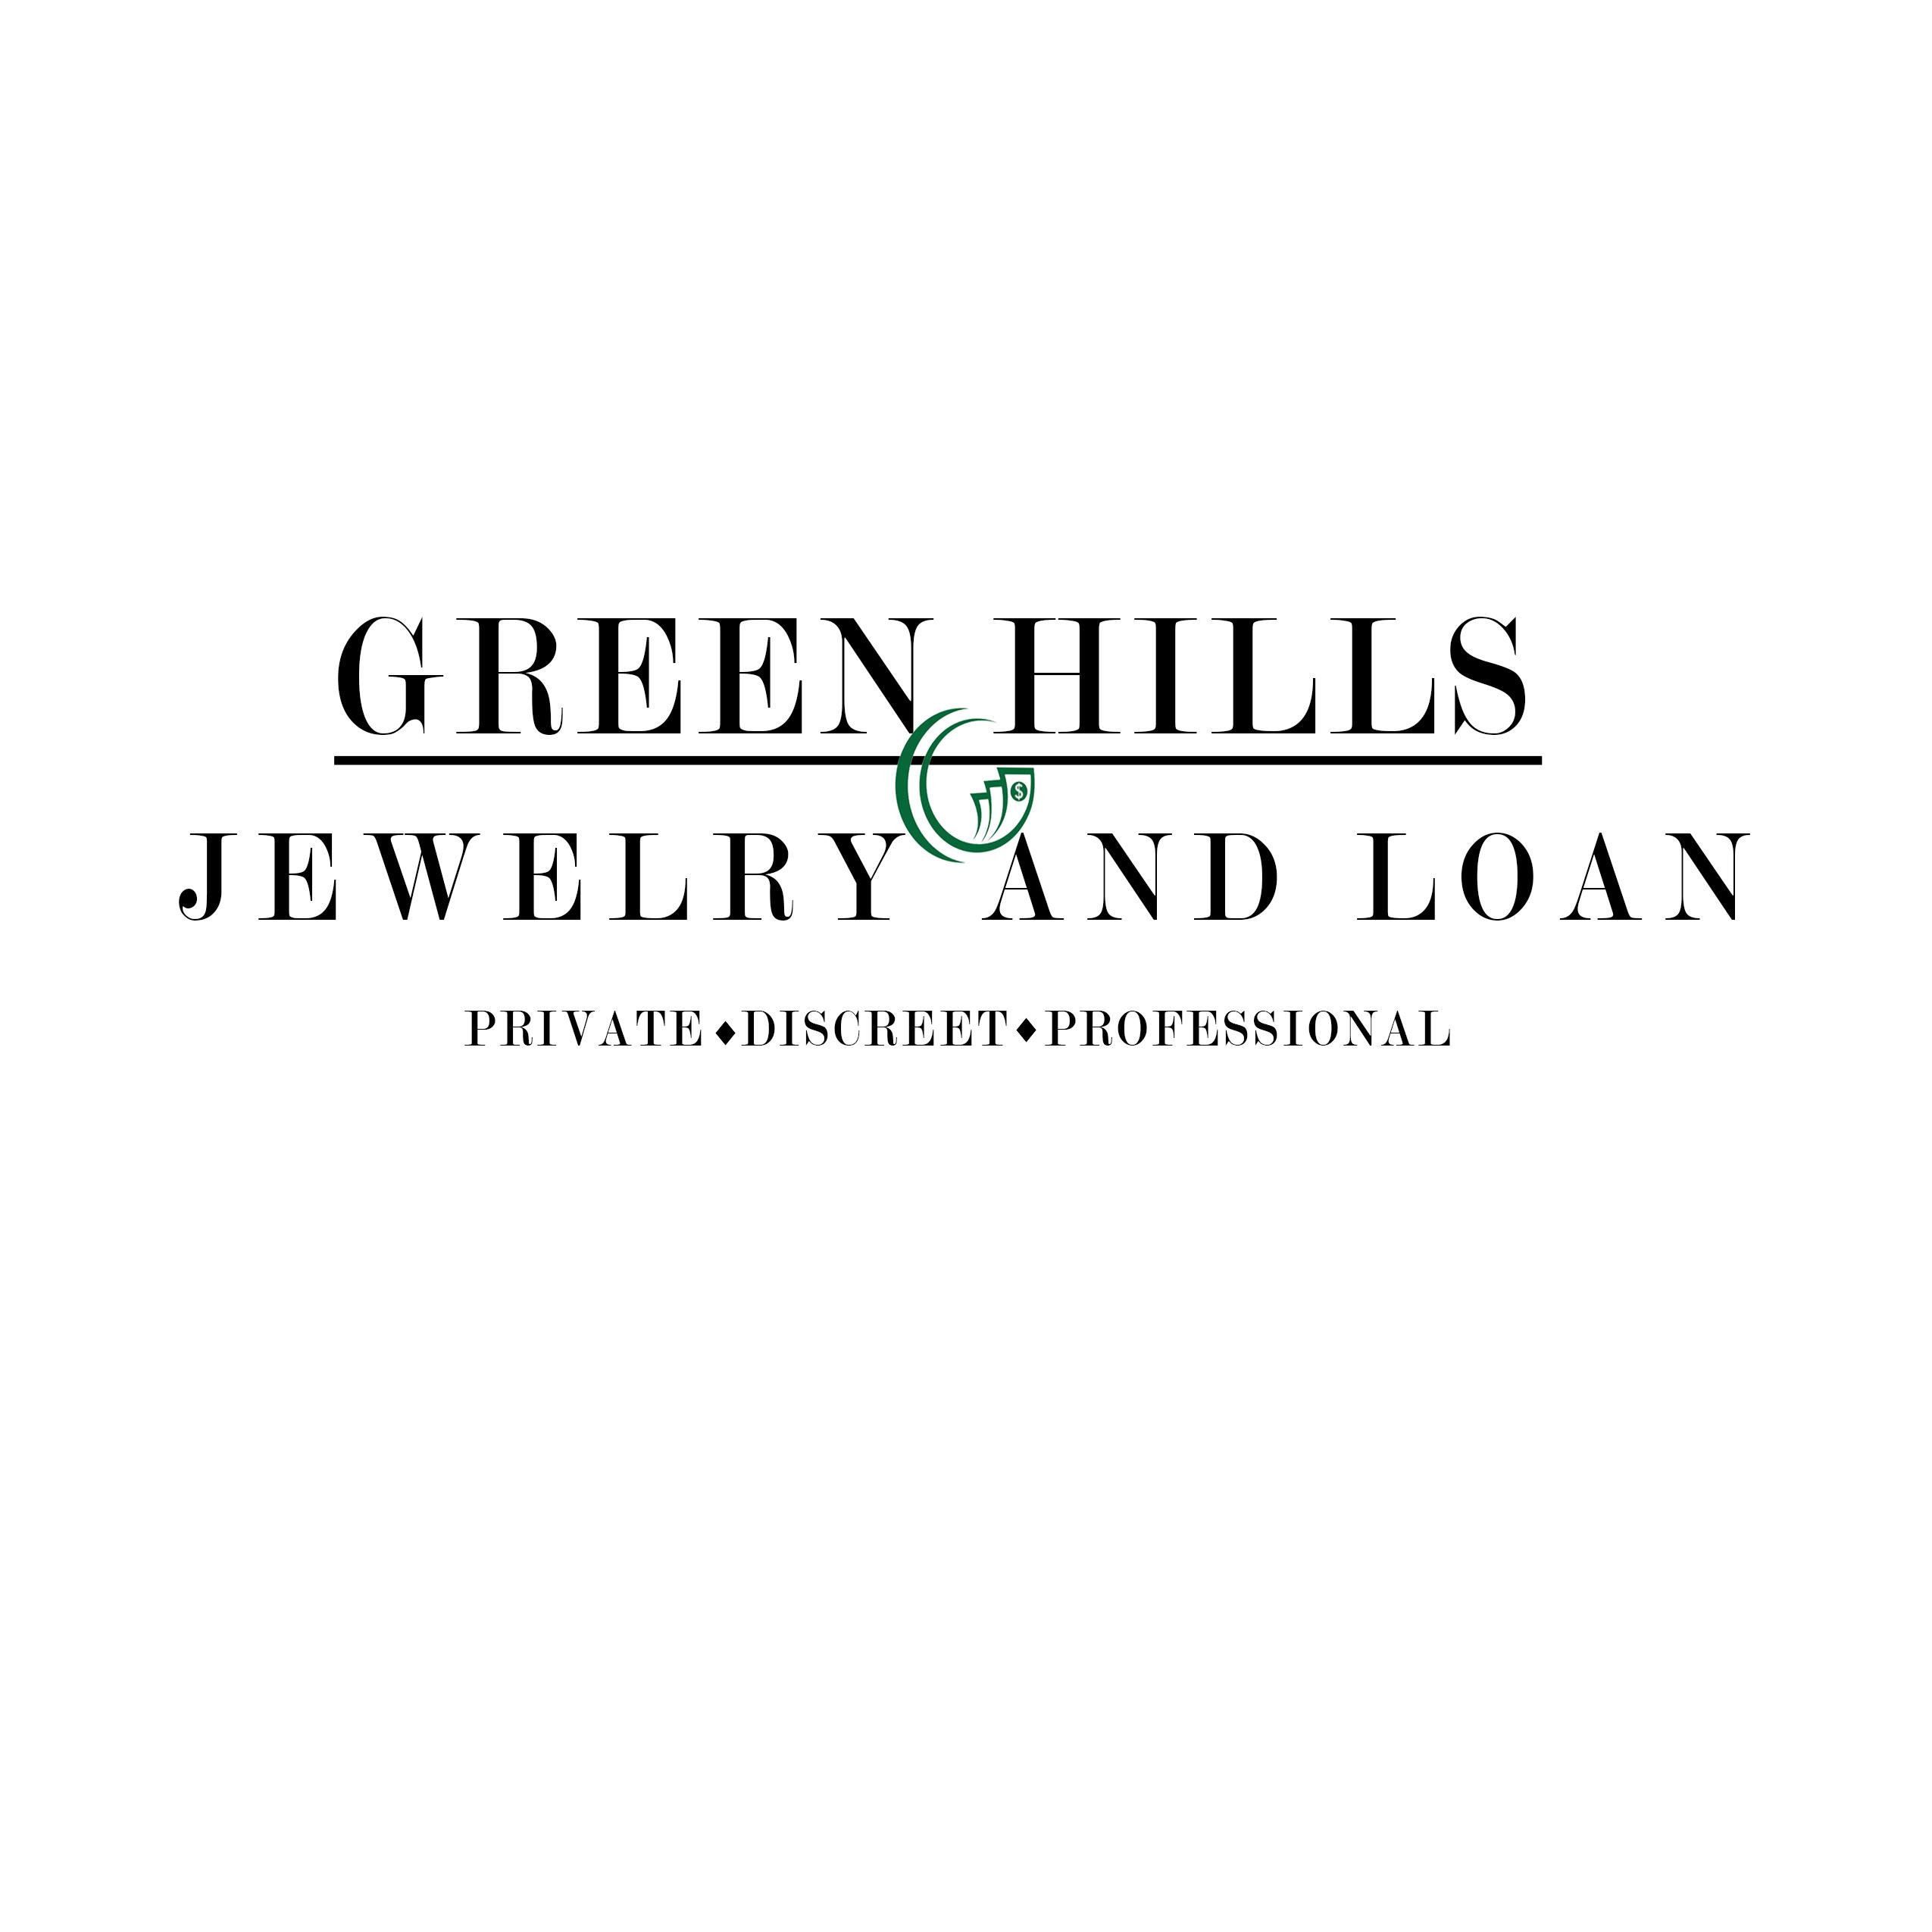 Designer Brands We Loan On